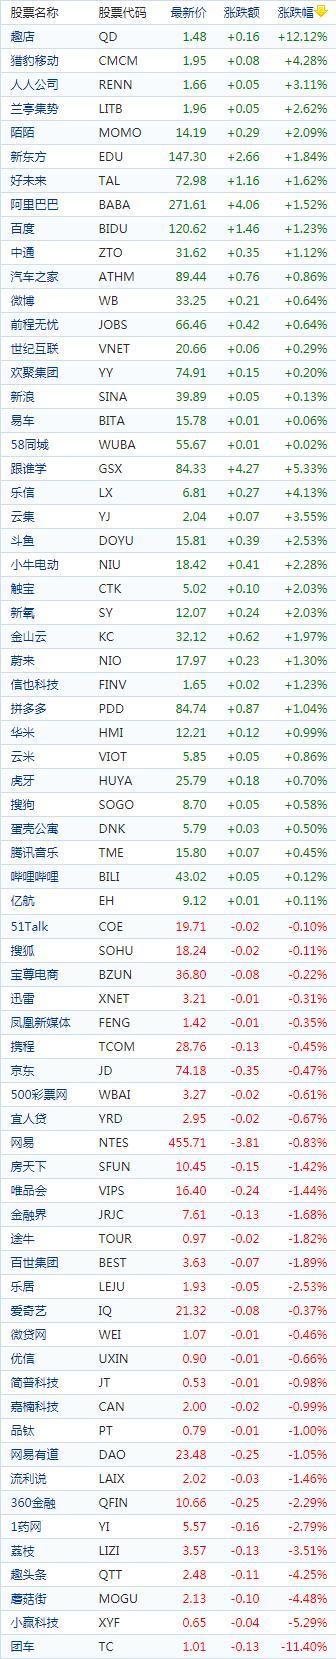 中国概念股周五收盘涨跌互现 趣店大涨逾12%